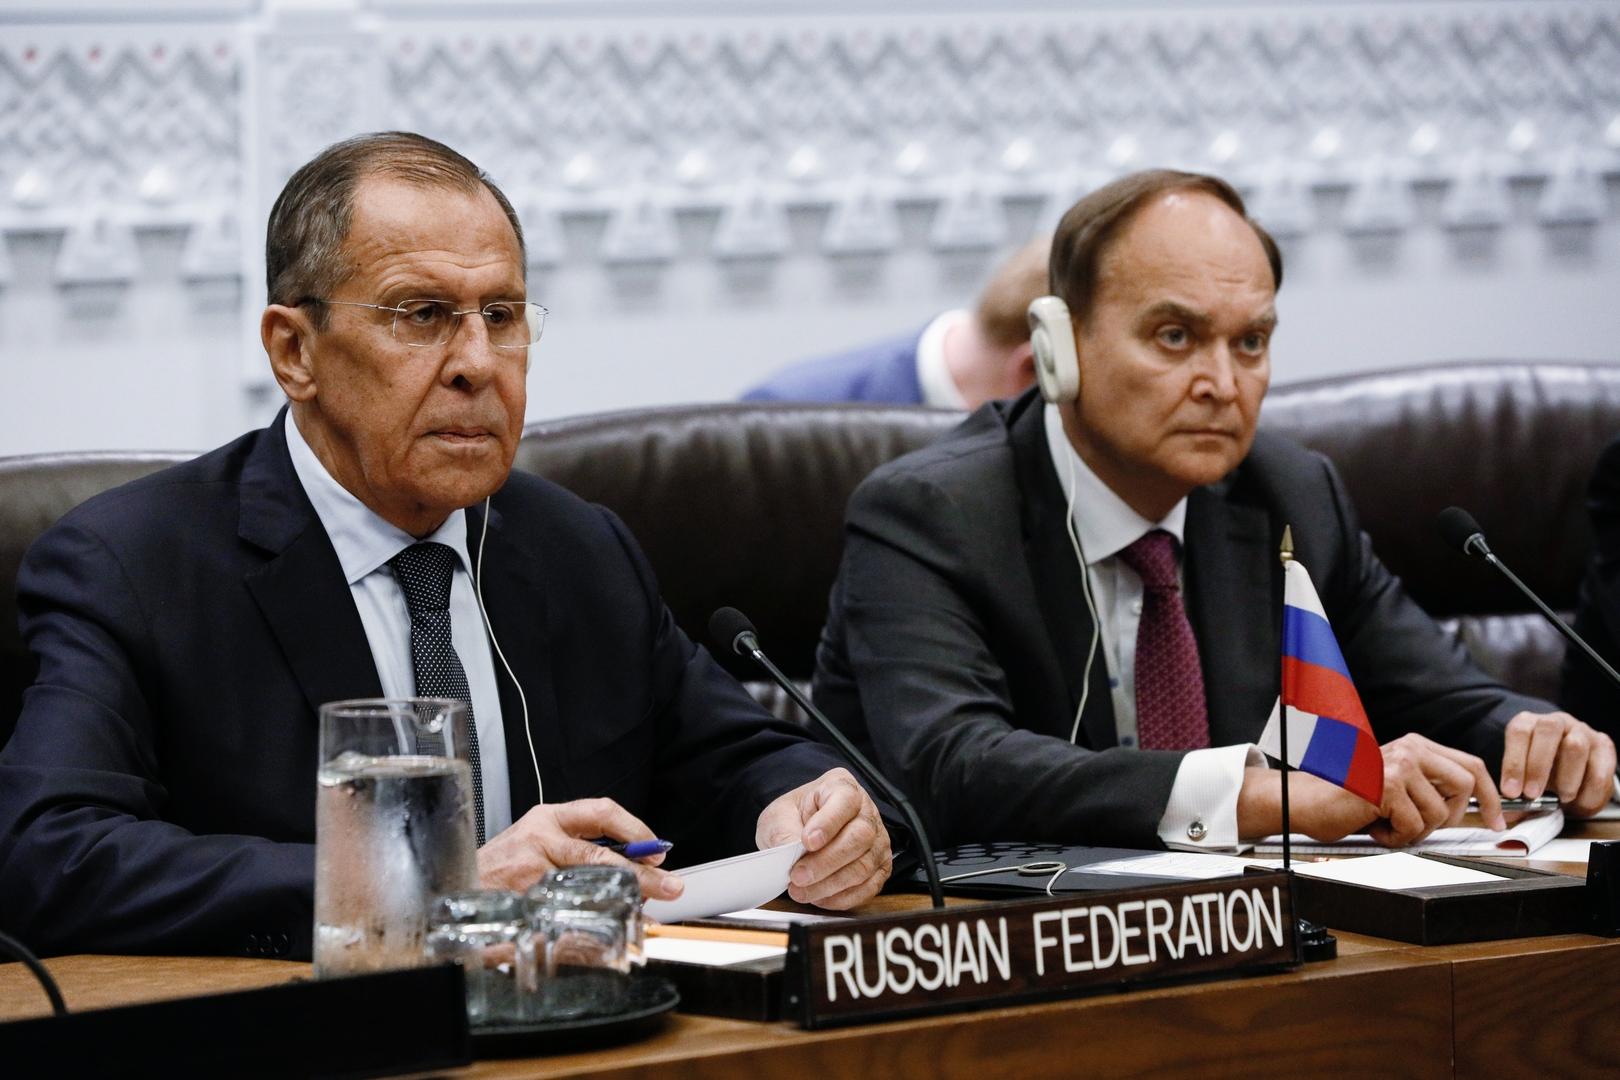 خبير روسي: استخباراتنا العسكرية لا تستخدم تكنولوجيا أمريكية